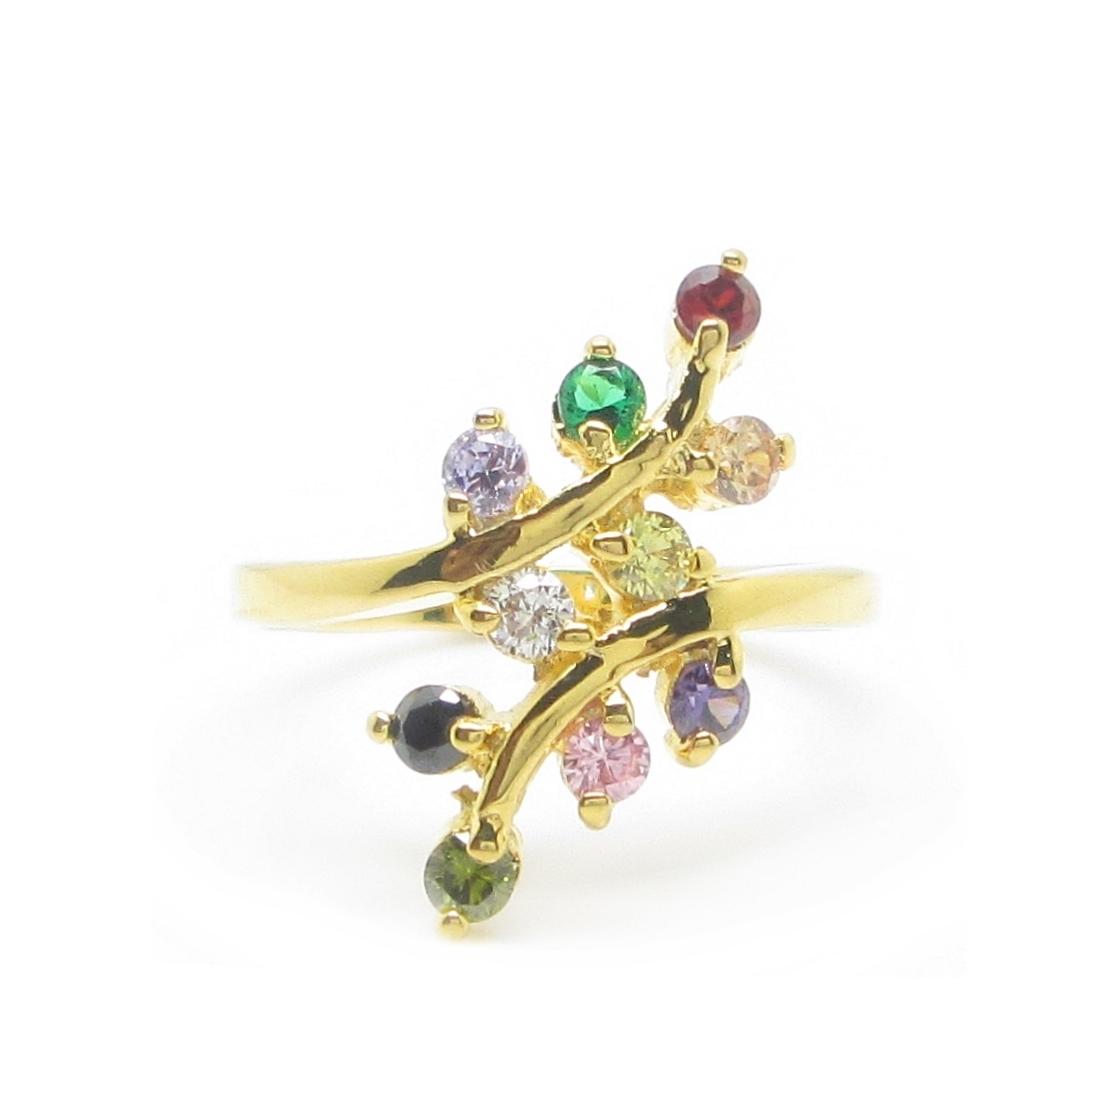 แหวนประดับพลอยมณีนพเก้าก้านแยกชุบทอง